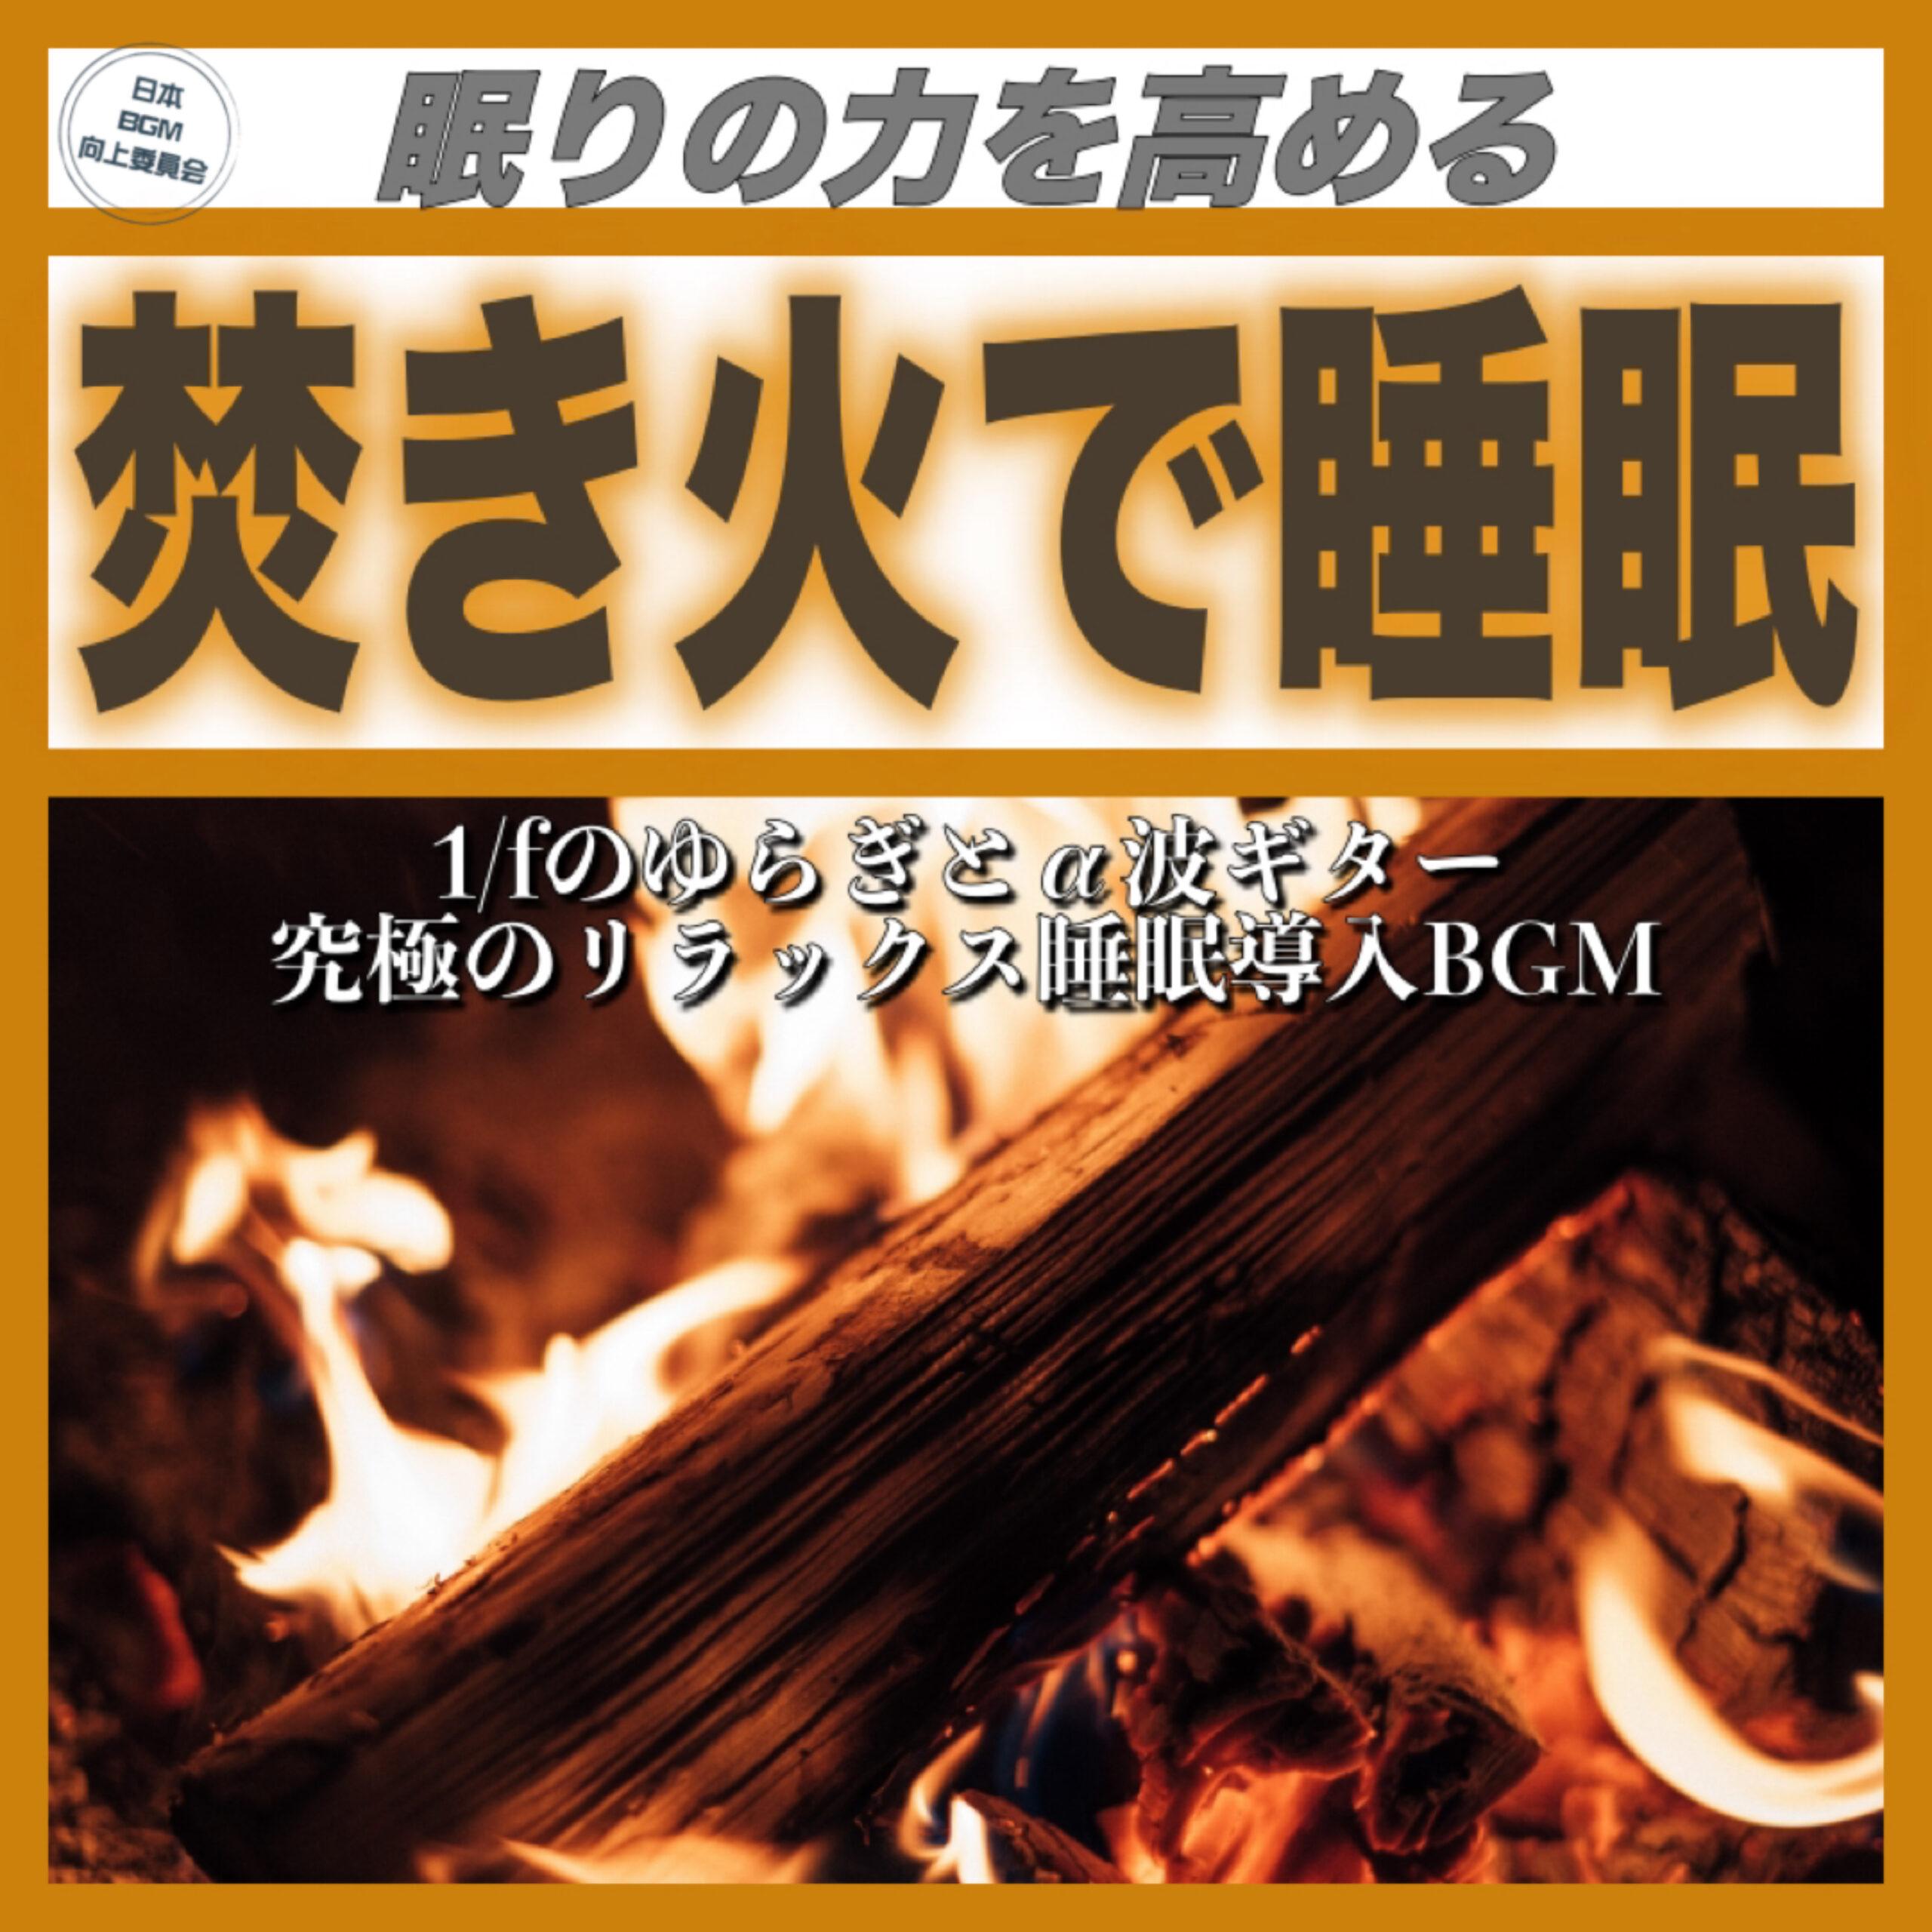 焚き火で睡眠 眠りの力を高める 1/fのゆらぎとα波ギター 究極のリラックス睡眠導入BGM